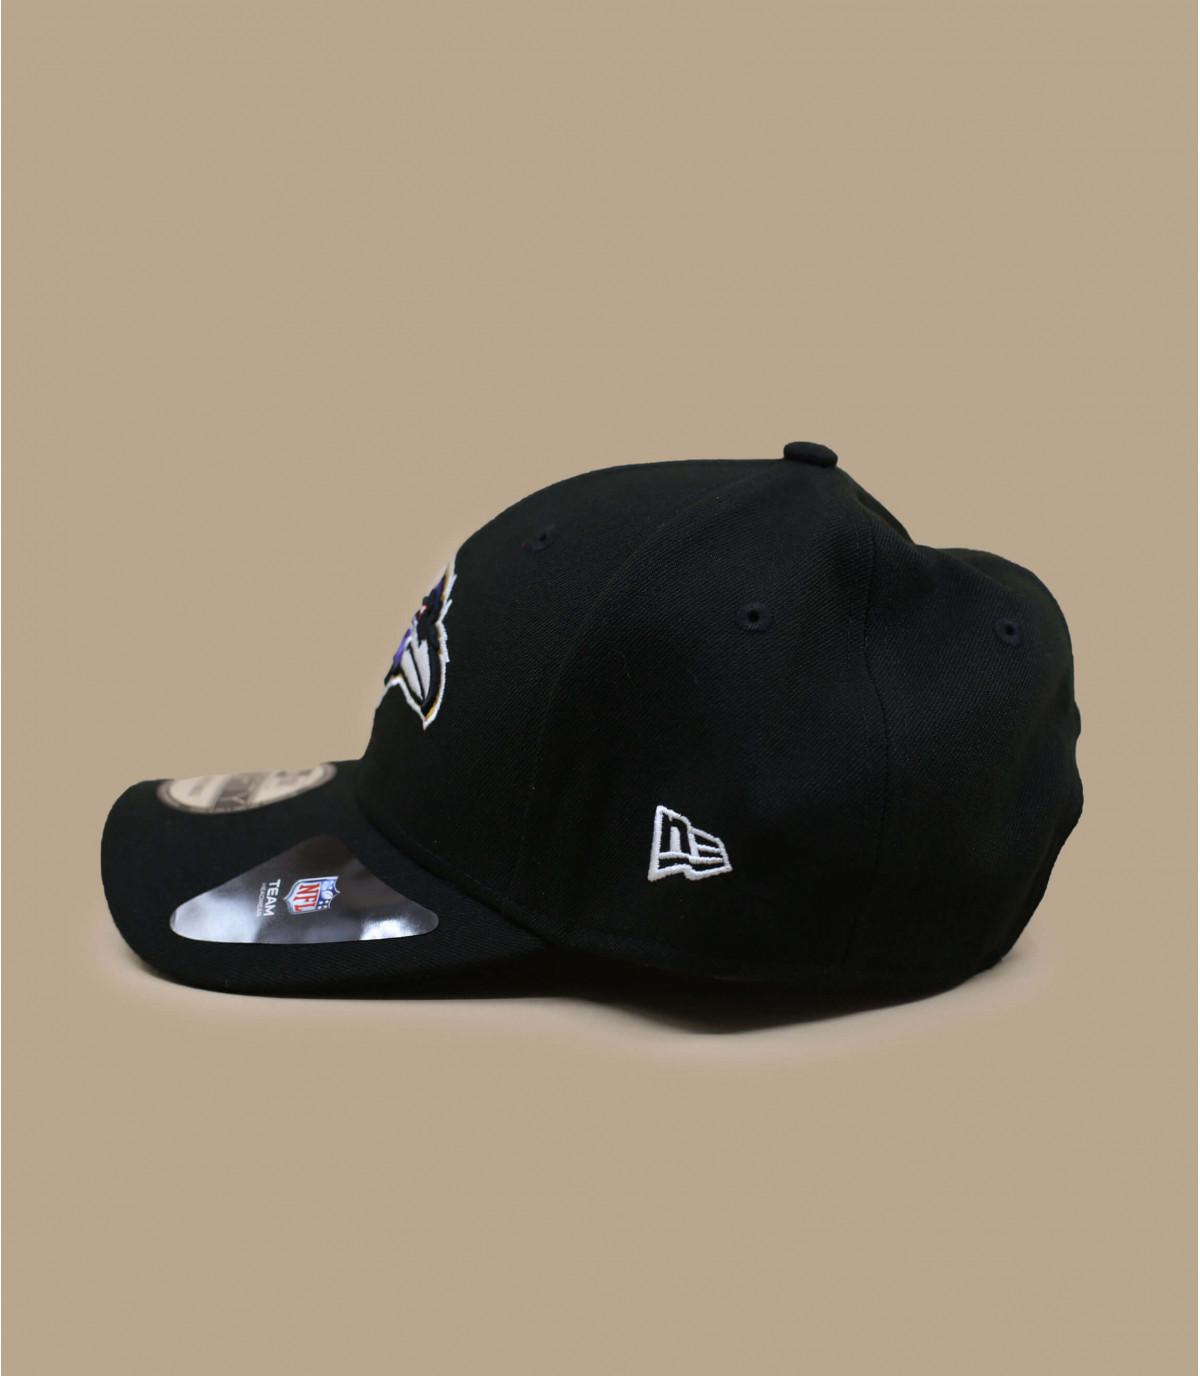 Ravens curva CAP negro